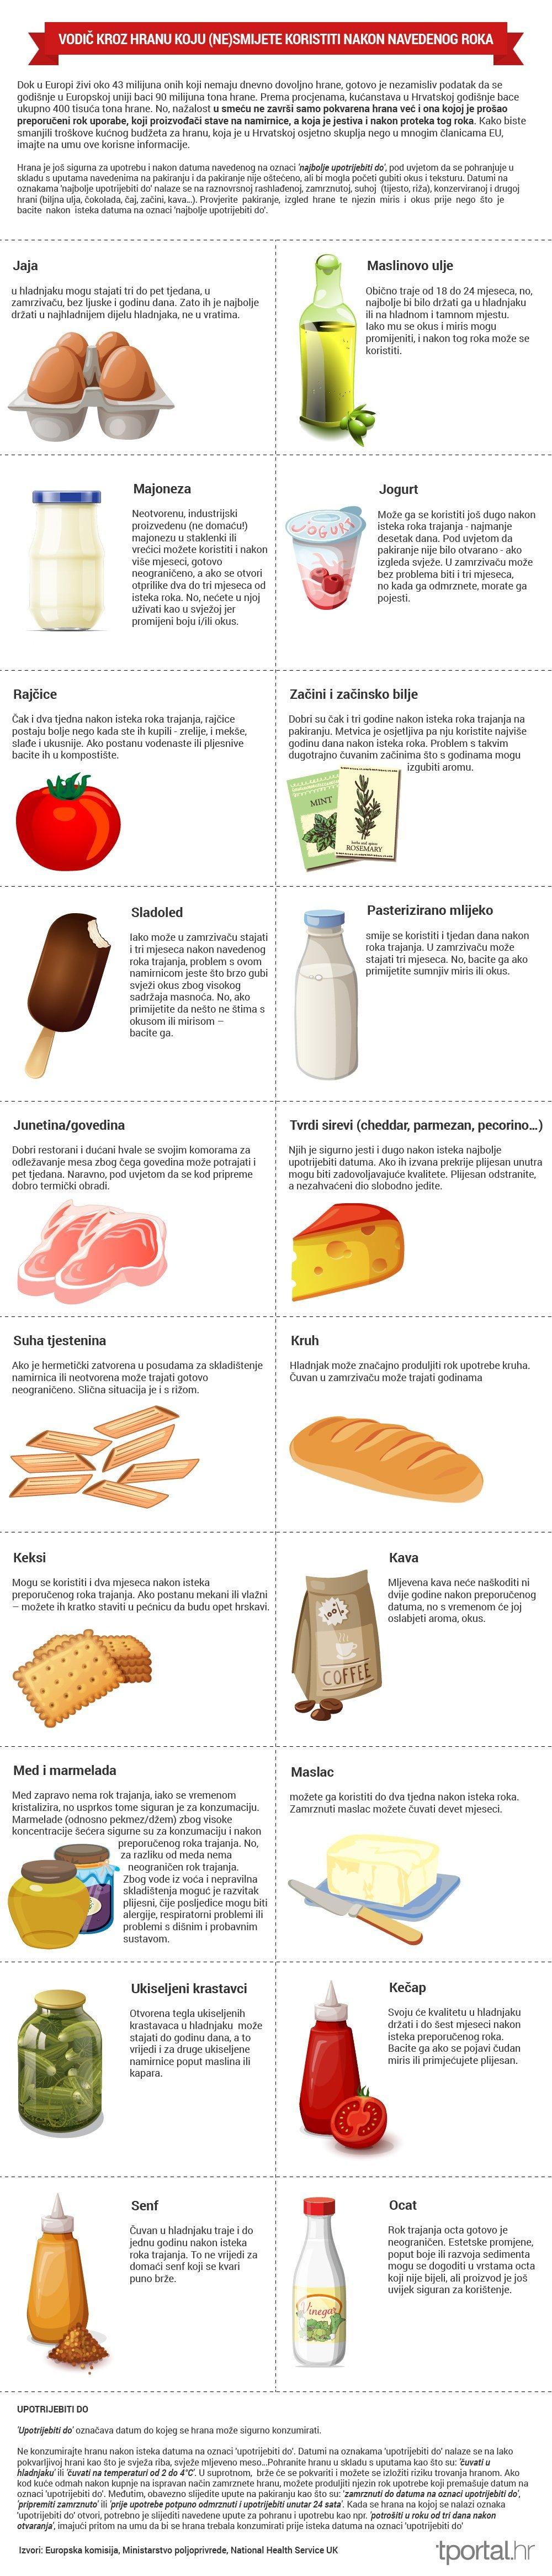 vremena i datumi čuvanja prehrambenih proizvoda brzina edinburgh-a za pronalazak tereta